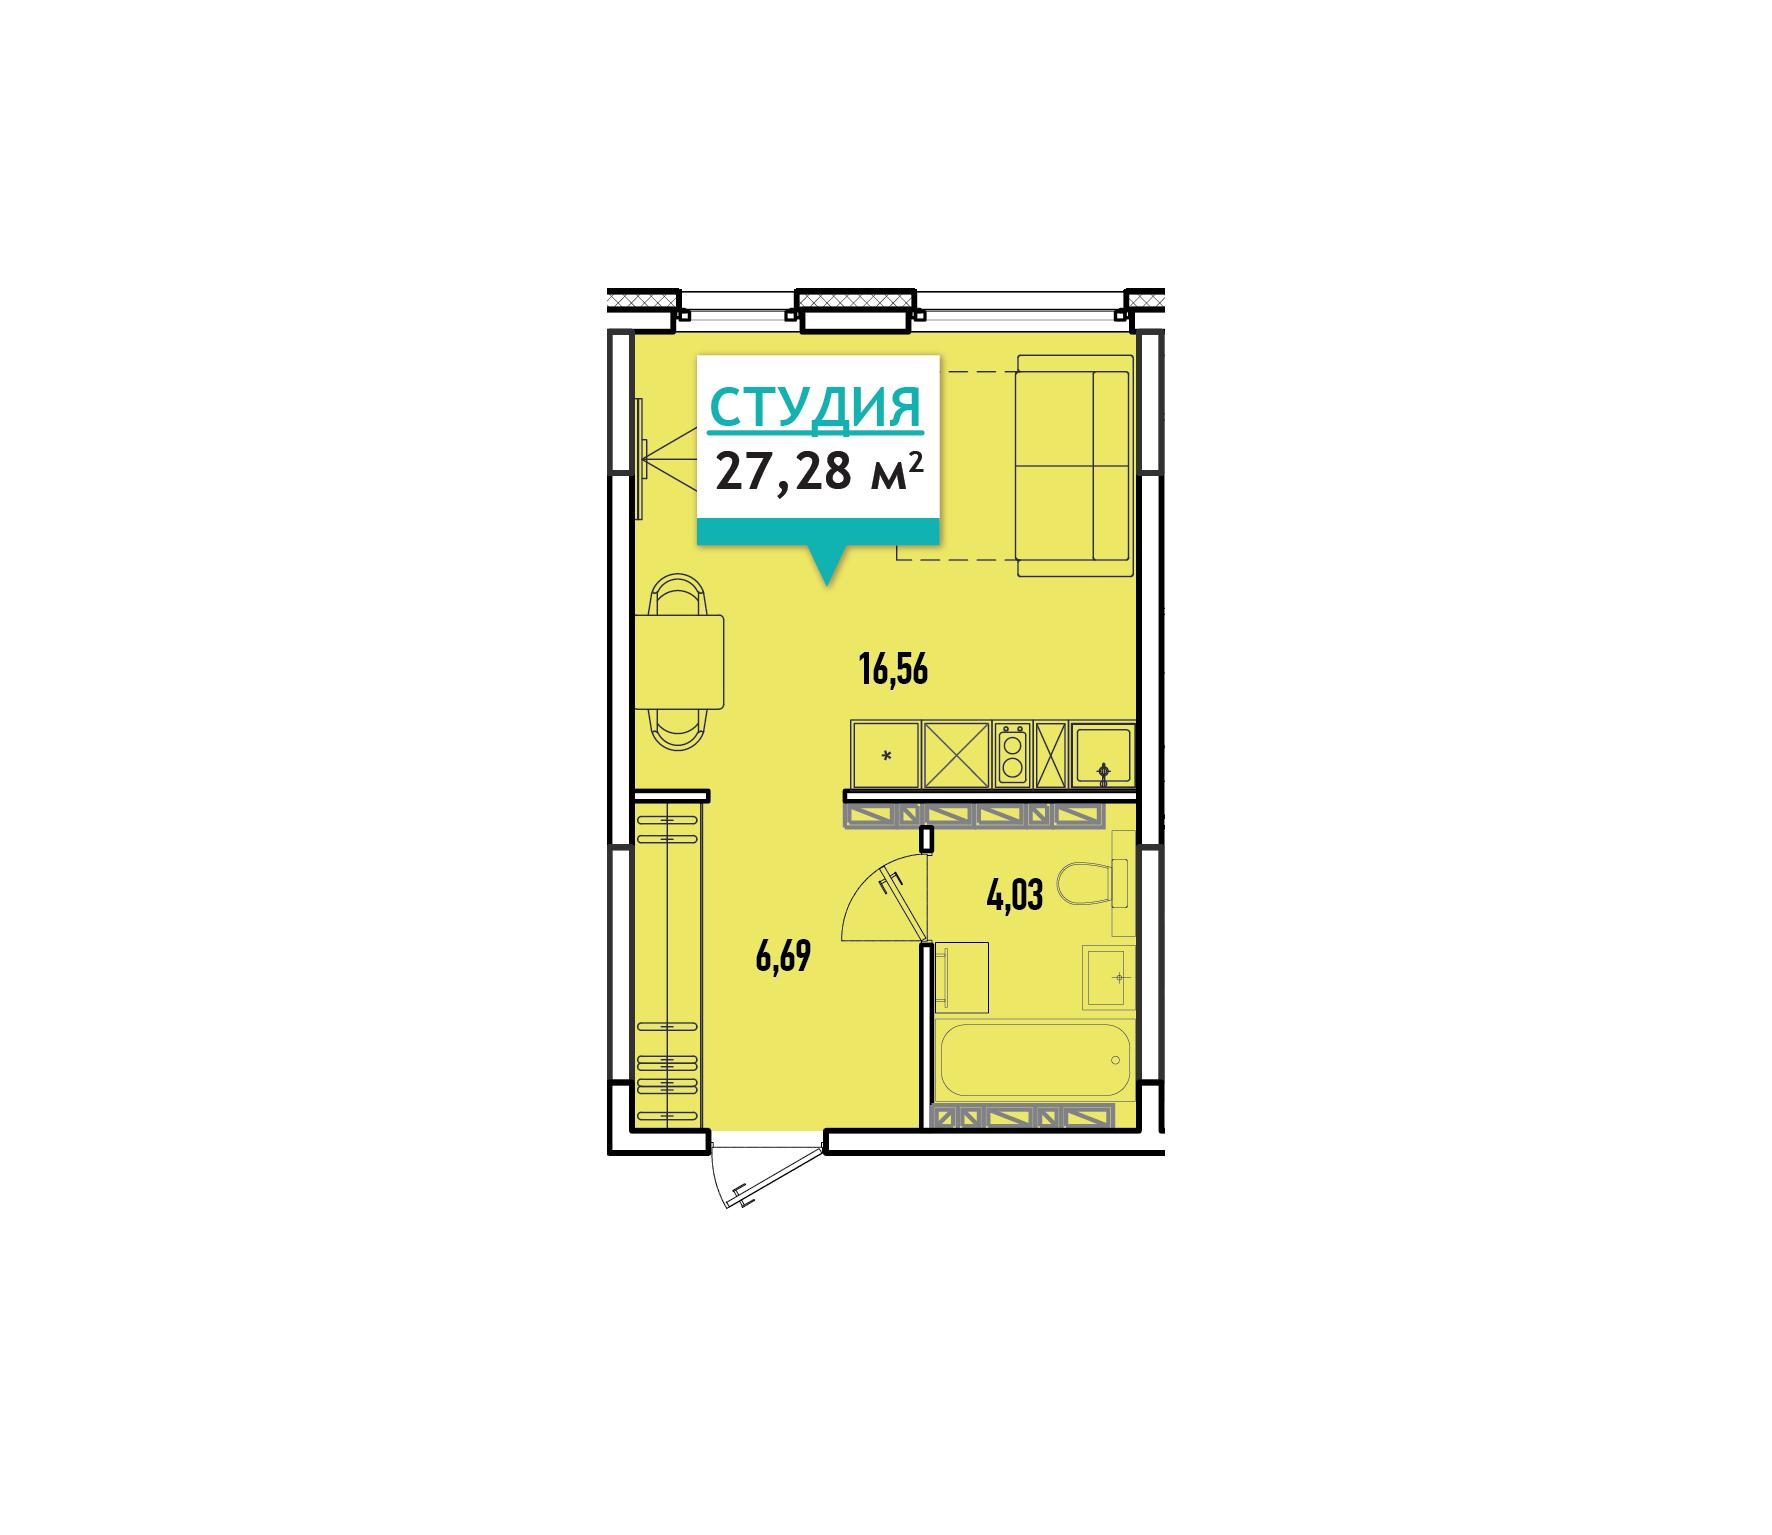 Продам квартира по адресу Россия, Тюменская область, Тюмень, Россия, Тюмень, Ставропольская улица, 160 фото 0 по выгодной цене